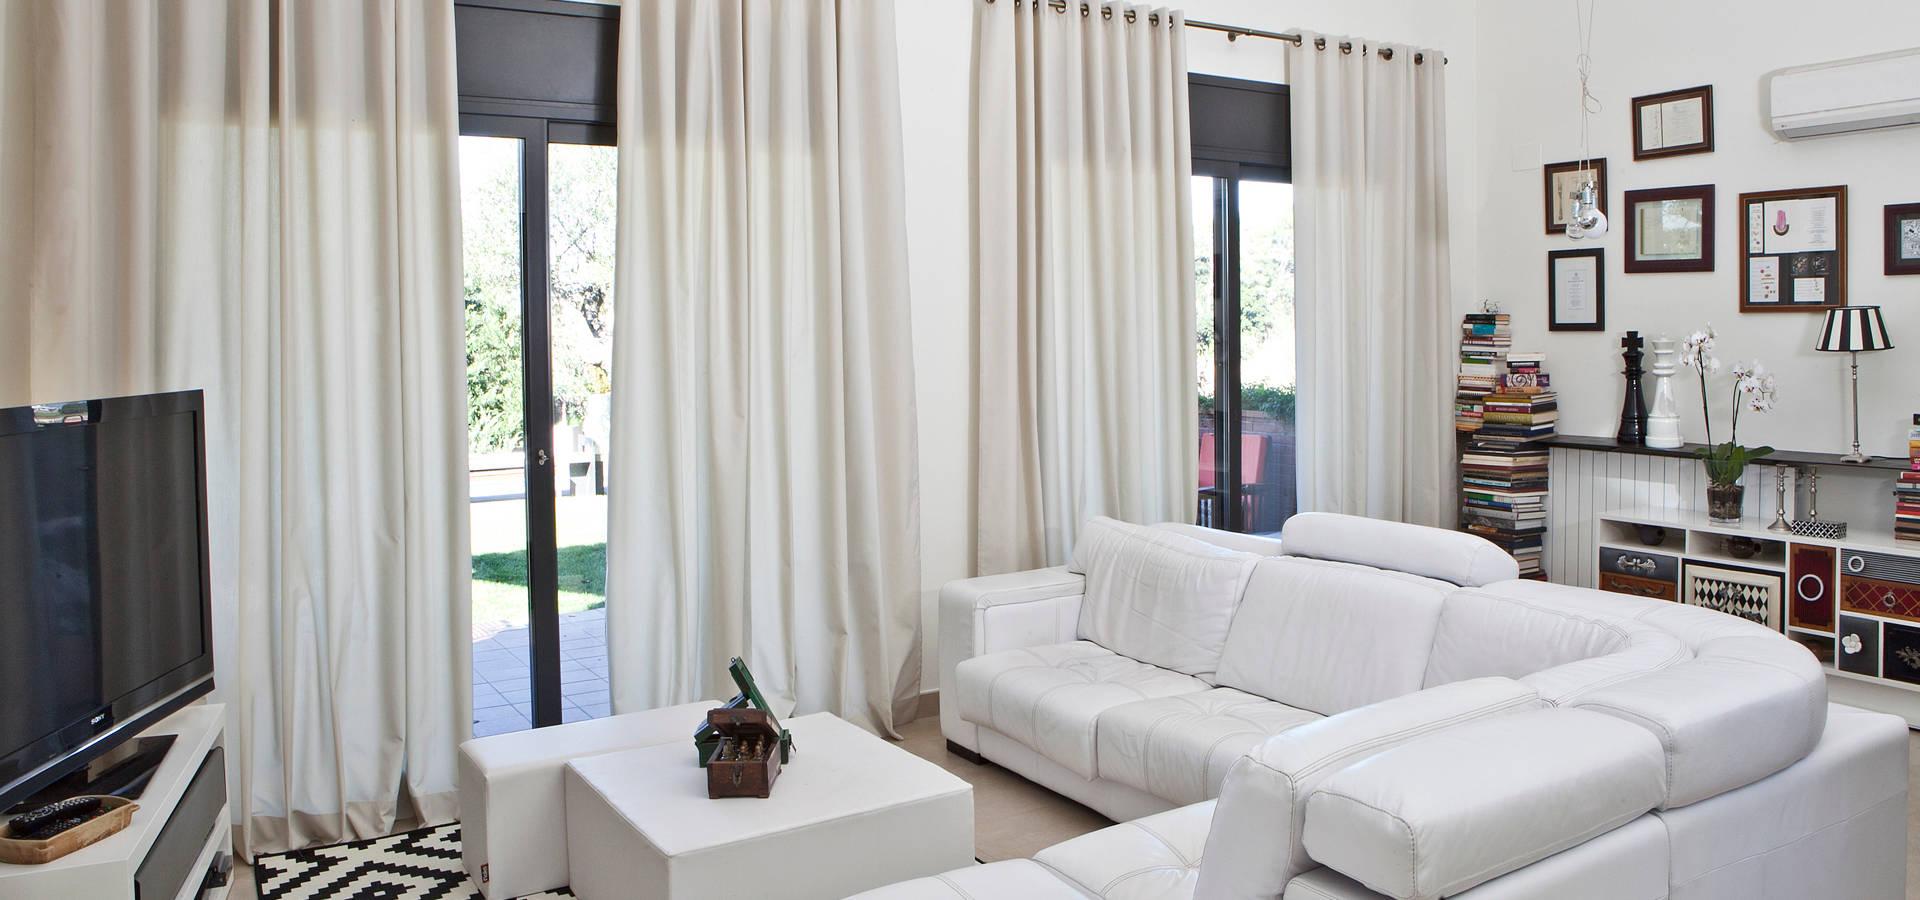 Kaaten cortinas persianas y estores en barcelona homify - Persianas en barcelona ...